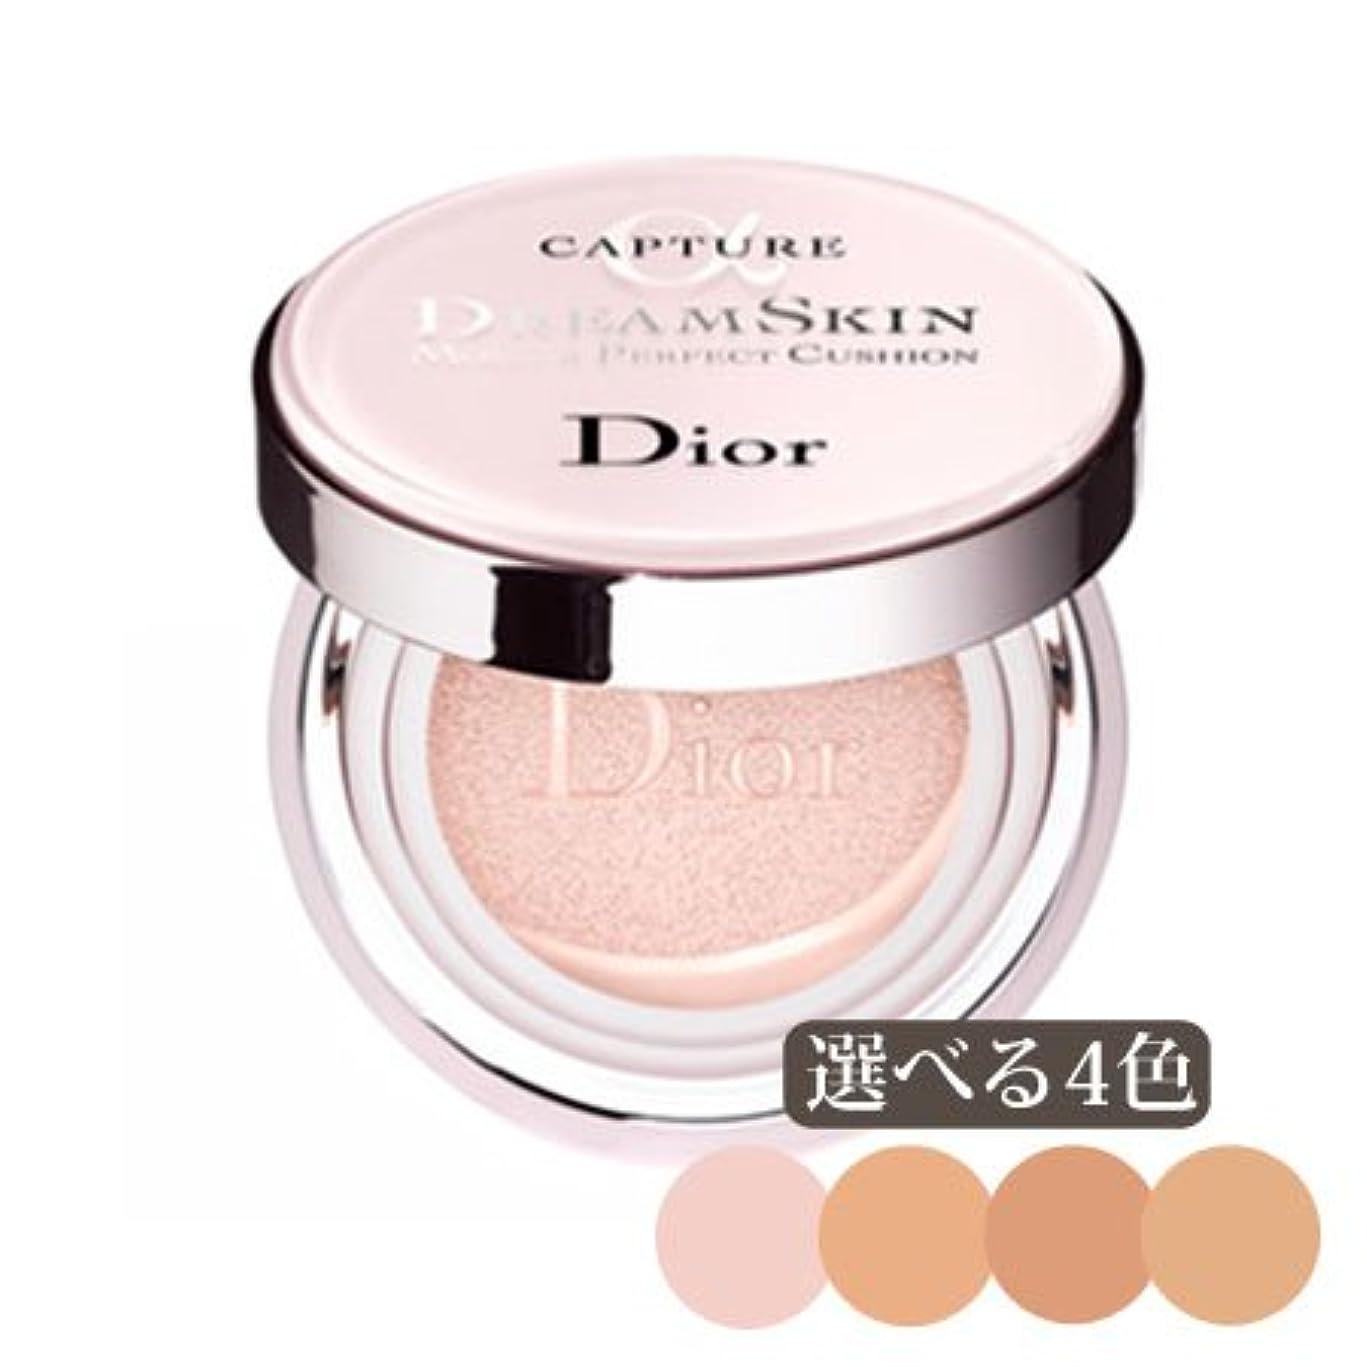 感覚砂変形するディオール カプチュール ドリームスキン モイスト クッション 選べる4色 -Dior- 010